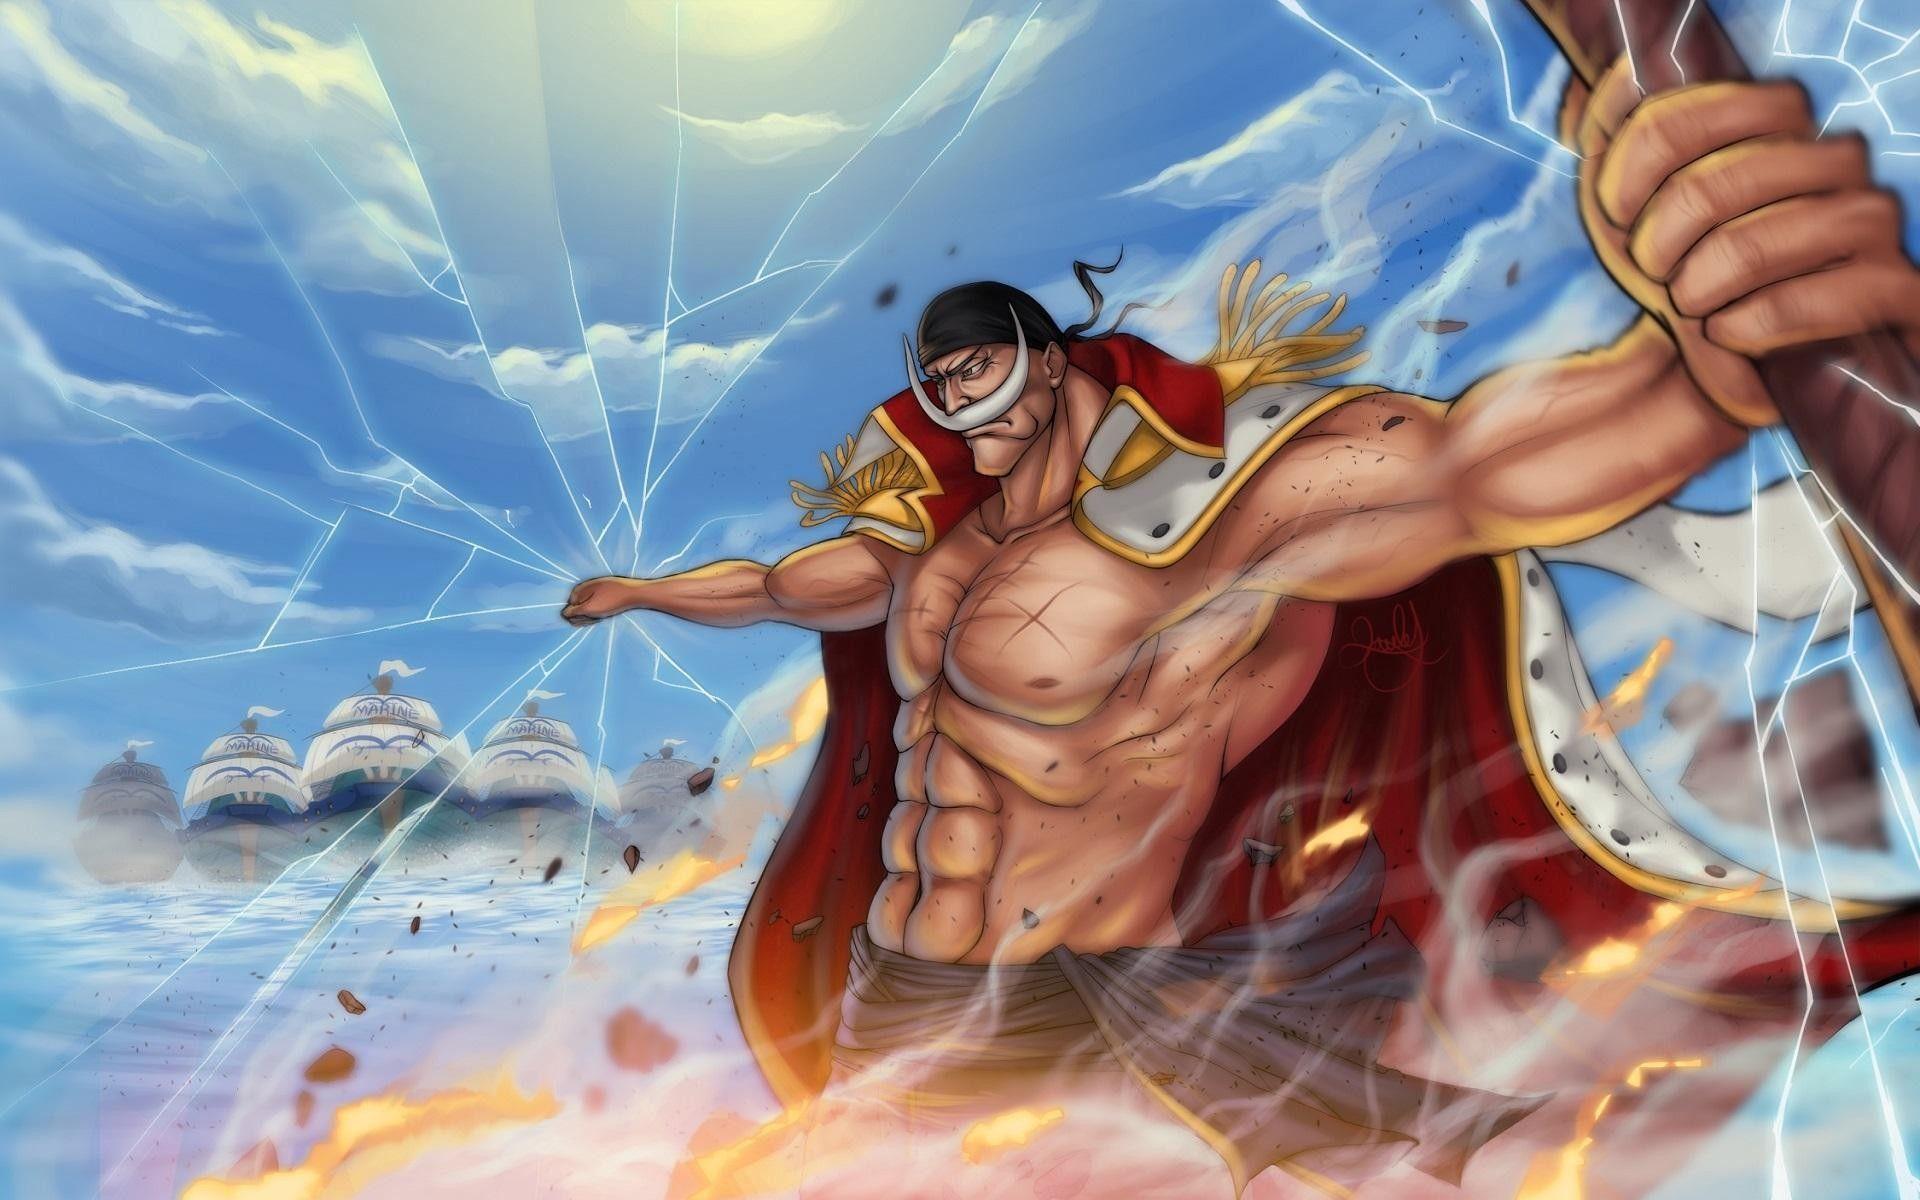 Pin By Akhyarmustopa Akhyarmustopa On Anime In 2020 One Piece Manga One Piece Anime One Piece Ace